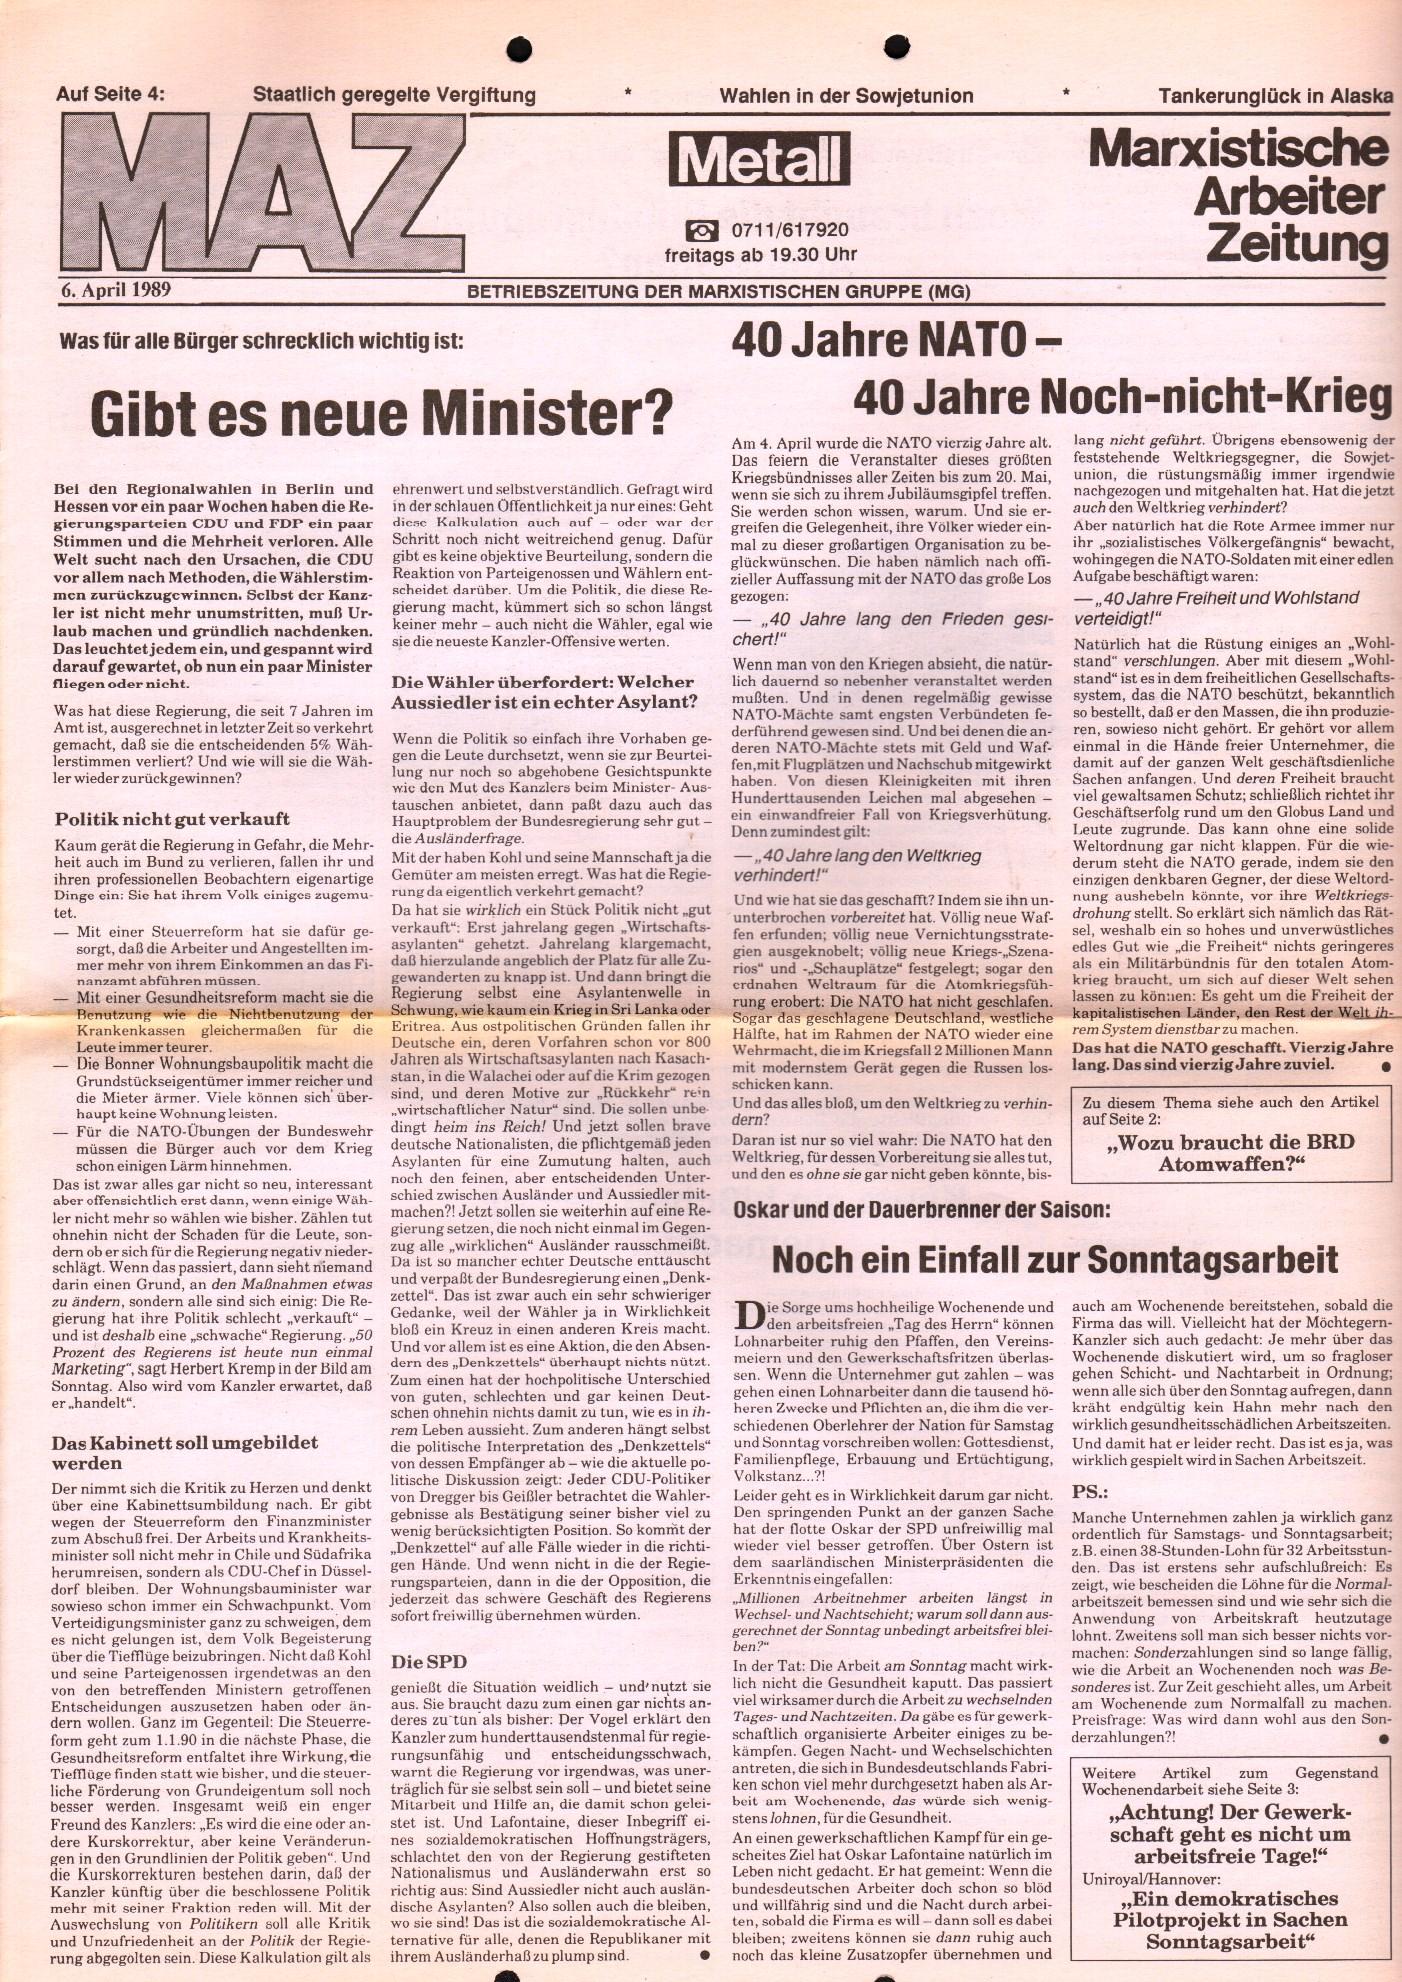 BW_MG_Marxistische_Arbeiterzeitung_19890406_01